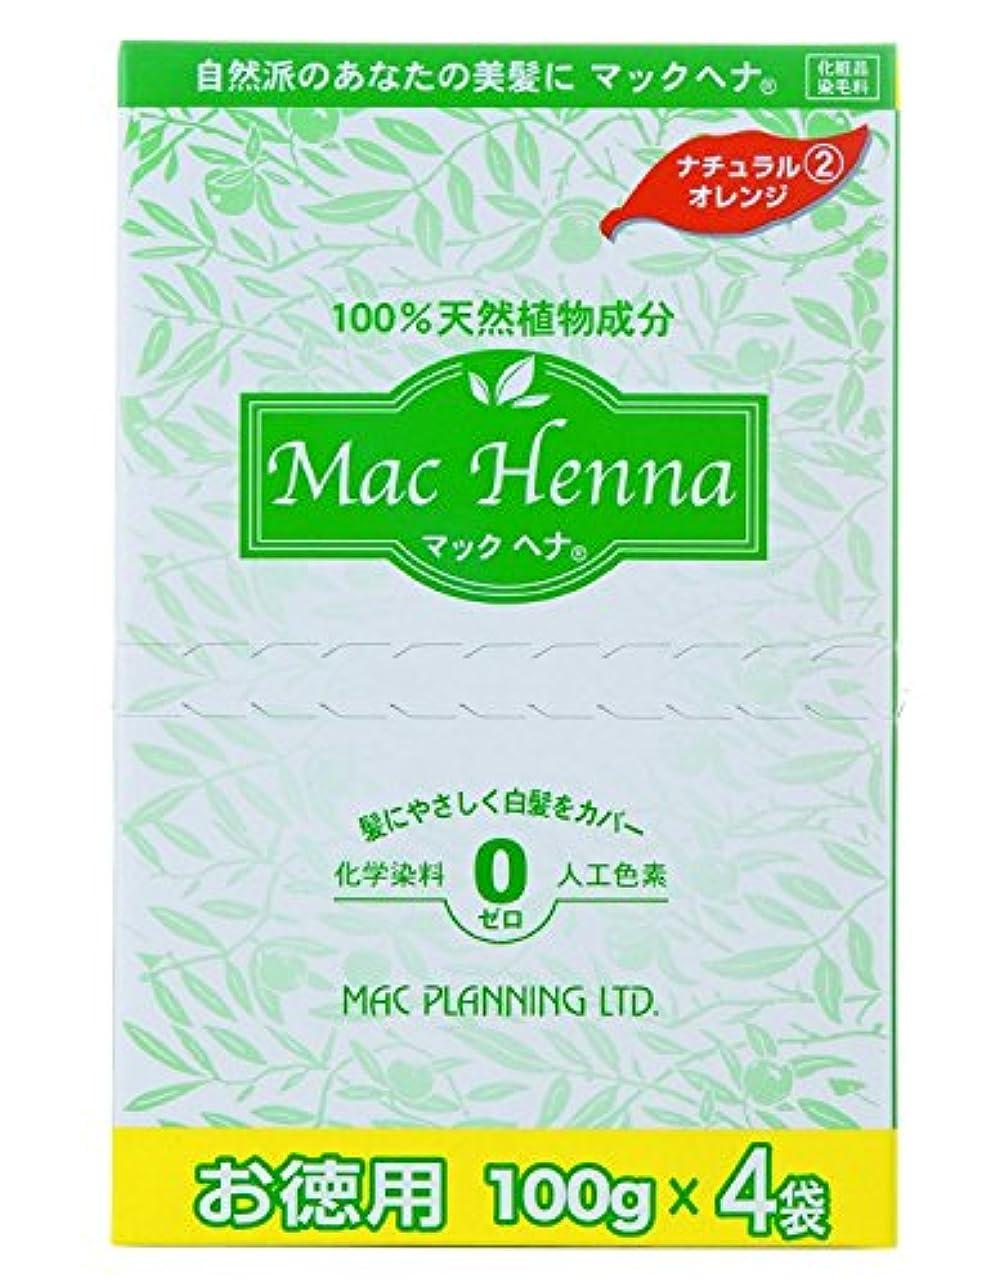 申請中直径びっくりしたマックヘナ お徳用(ナチュラルオレンジ)-2 400g(100g×4袋)